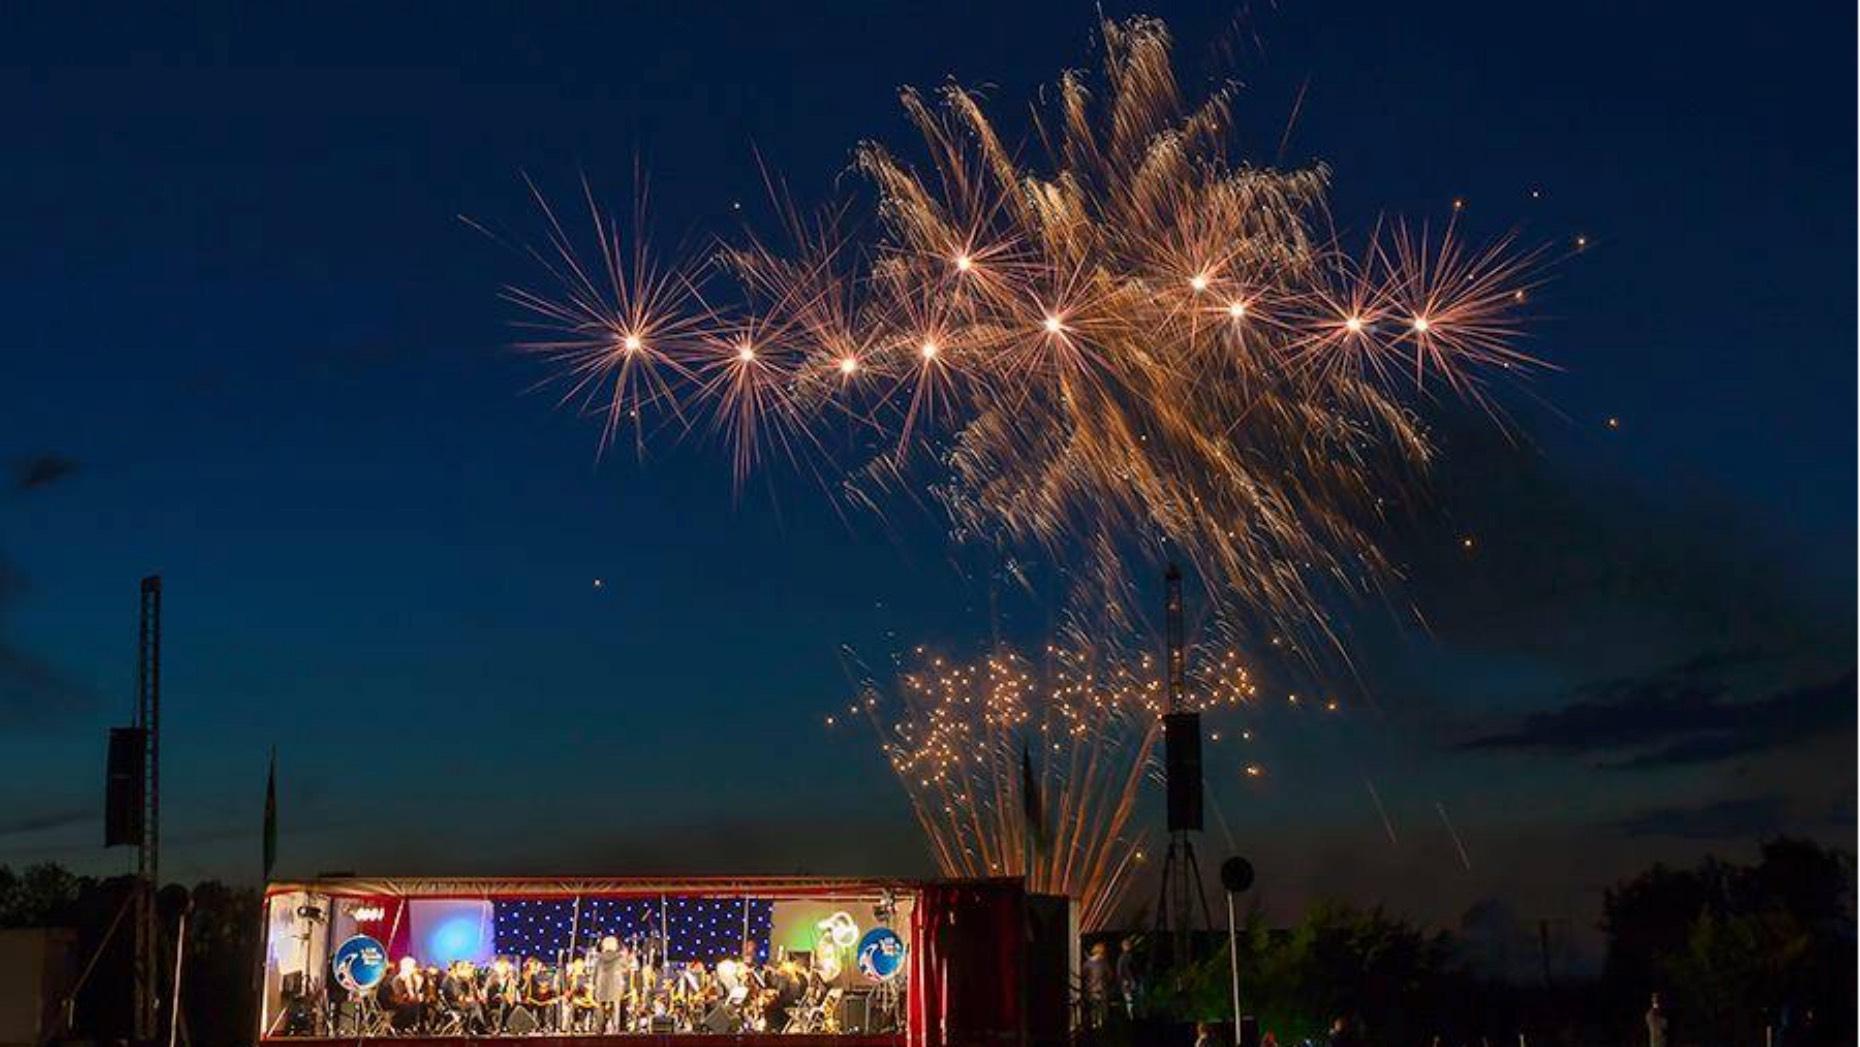 Photo: Heckington Show Facebook page